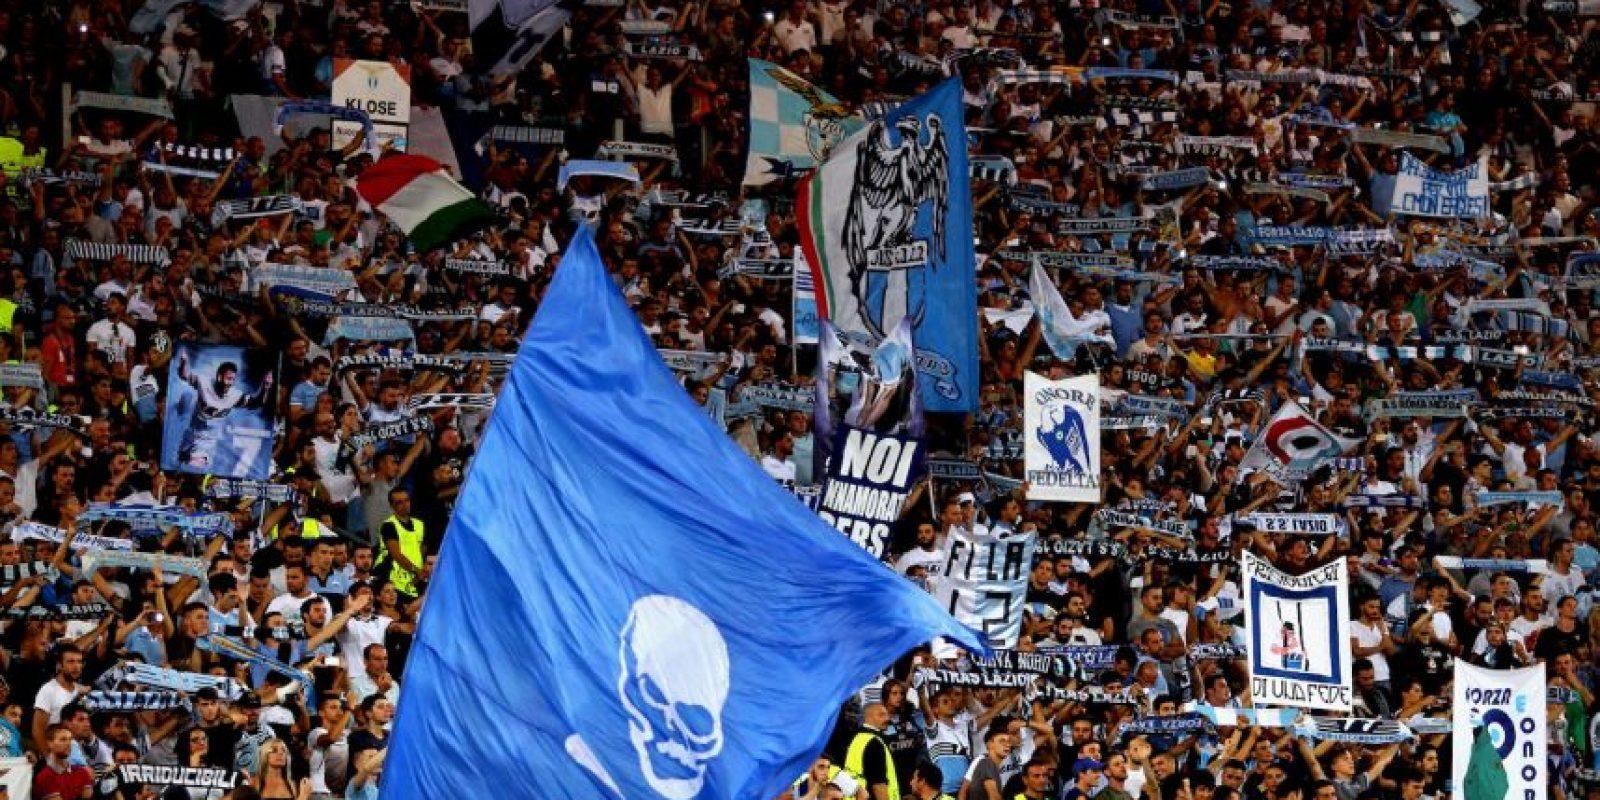 Getty Images Foto:La hinchada de la Lazio es famosa por ser ultraderechista y seguidora del fascismo de Benito Mussolini. Es así como en su sector del estadio se pueden ver esvásticas o a sus hinchas realizando el saludo fascista del ex dictador italiano. Además, sus ataques racistas no tiene límites.